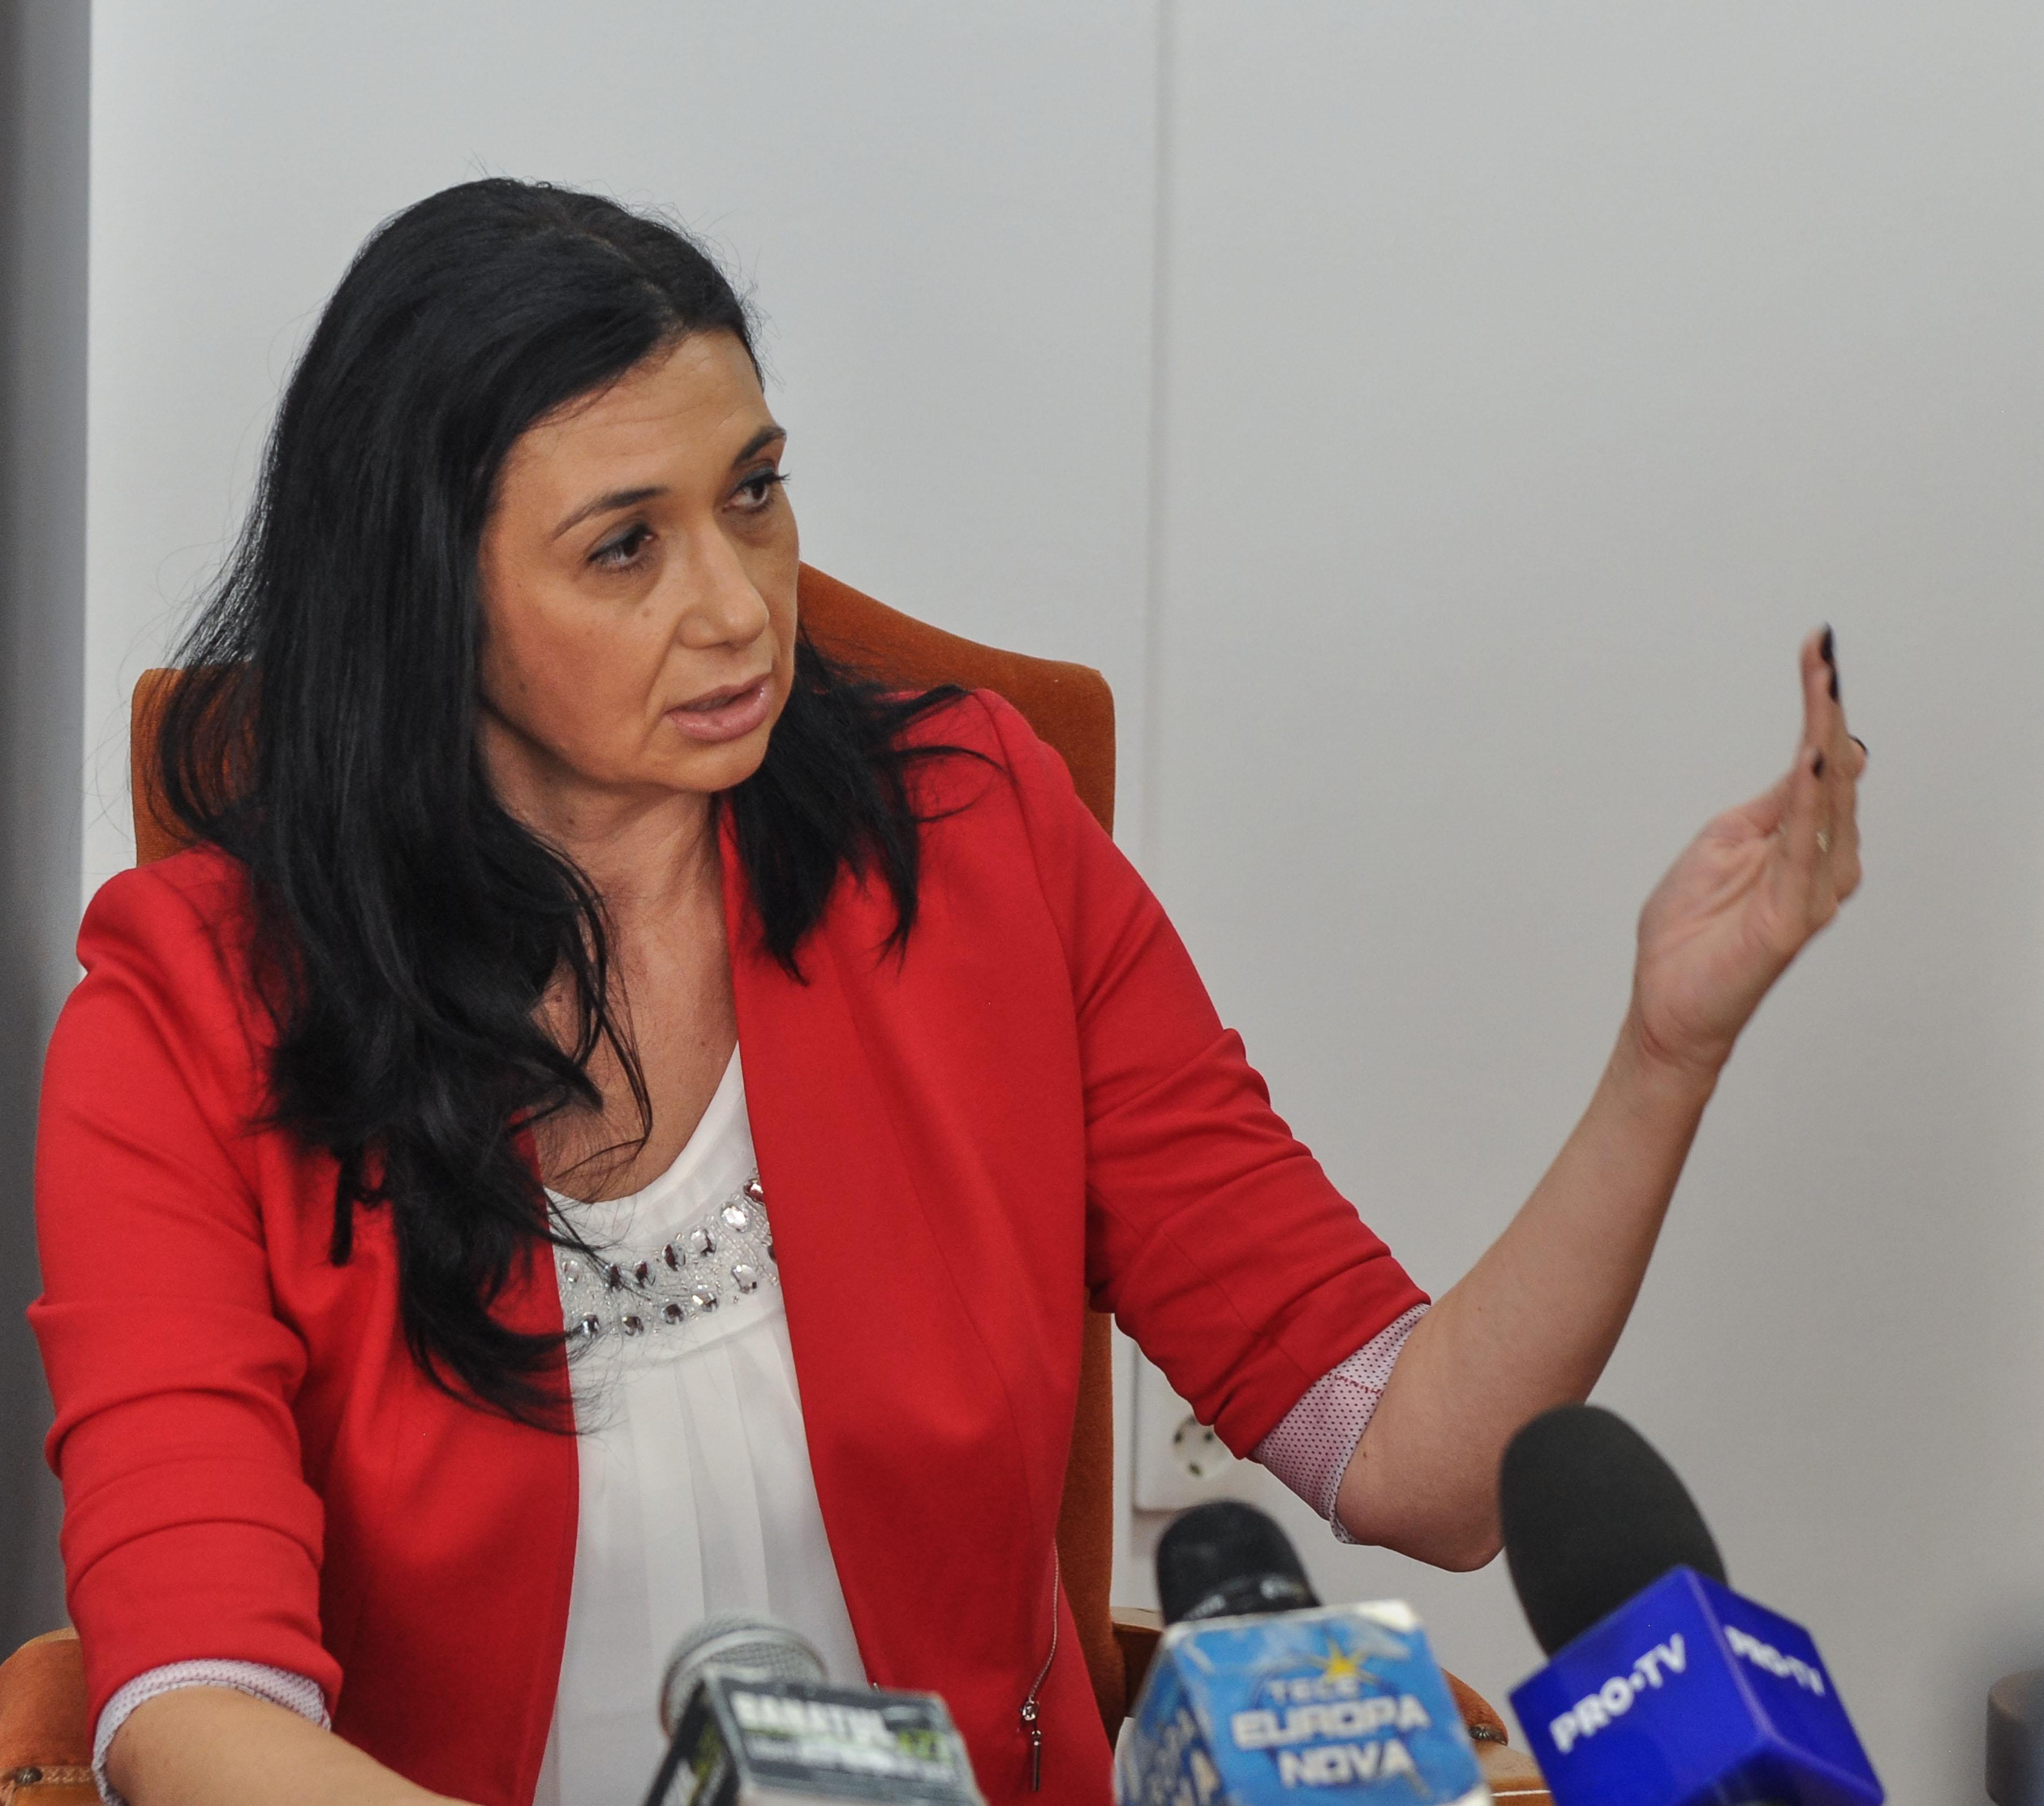 Eva Andreaș